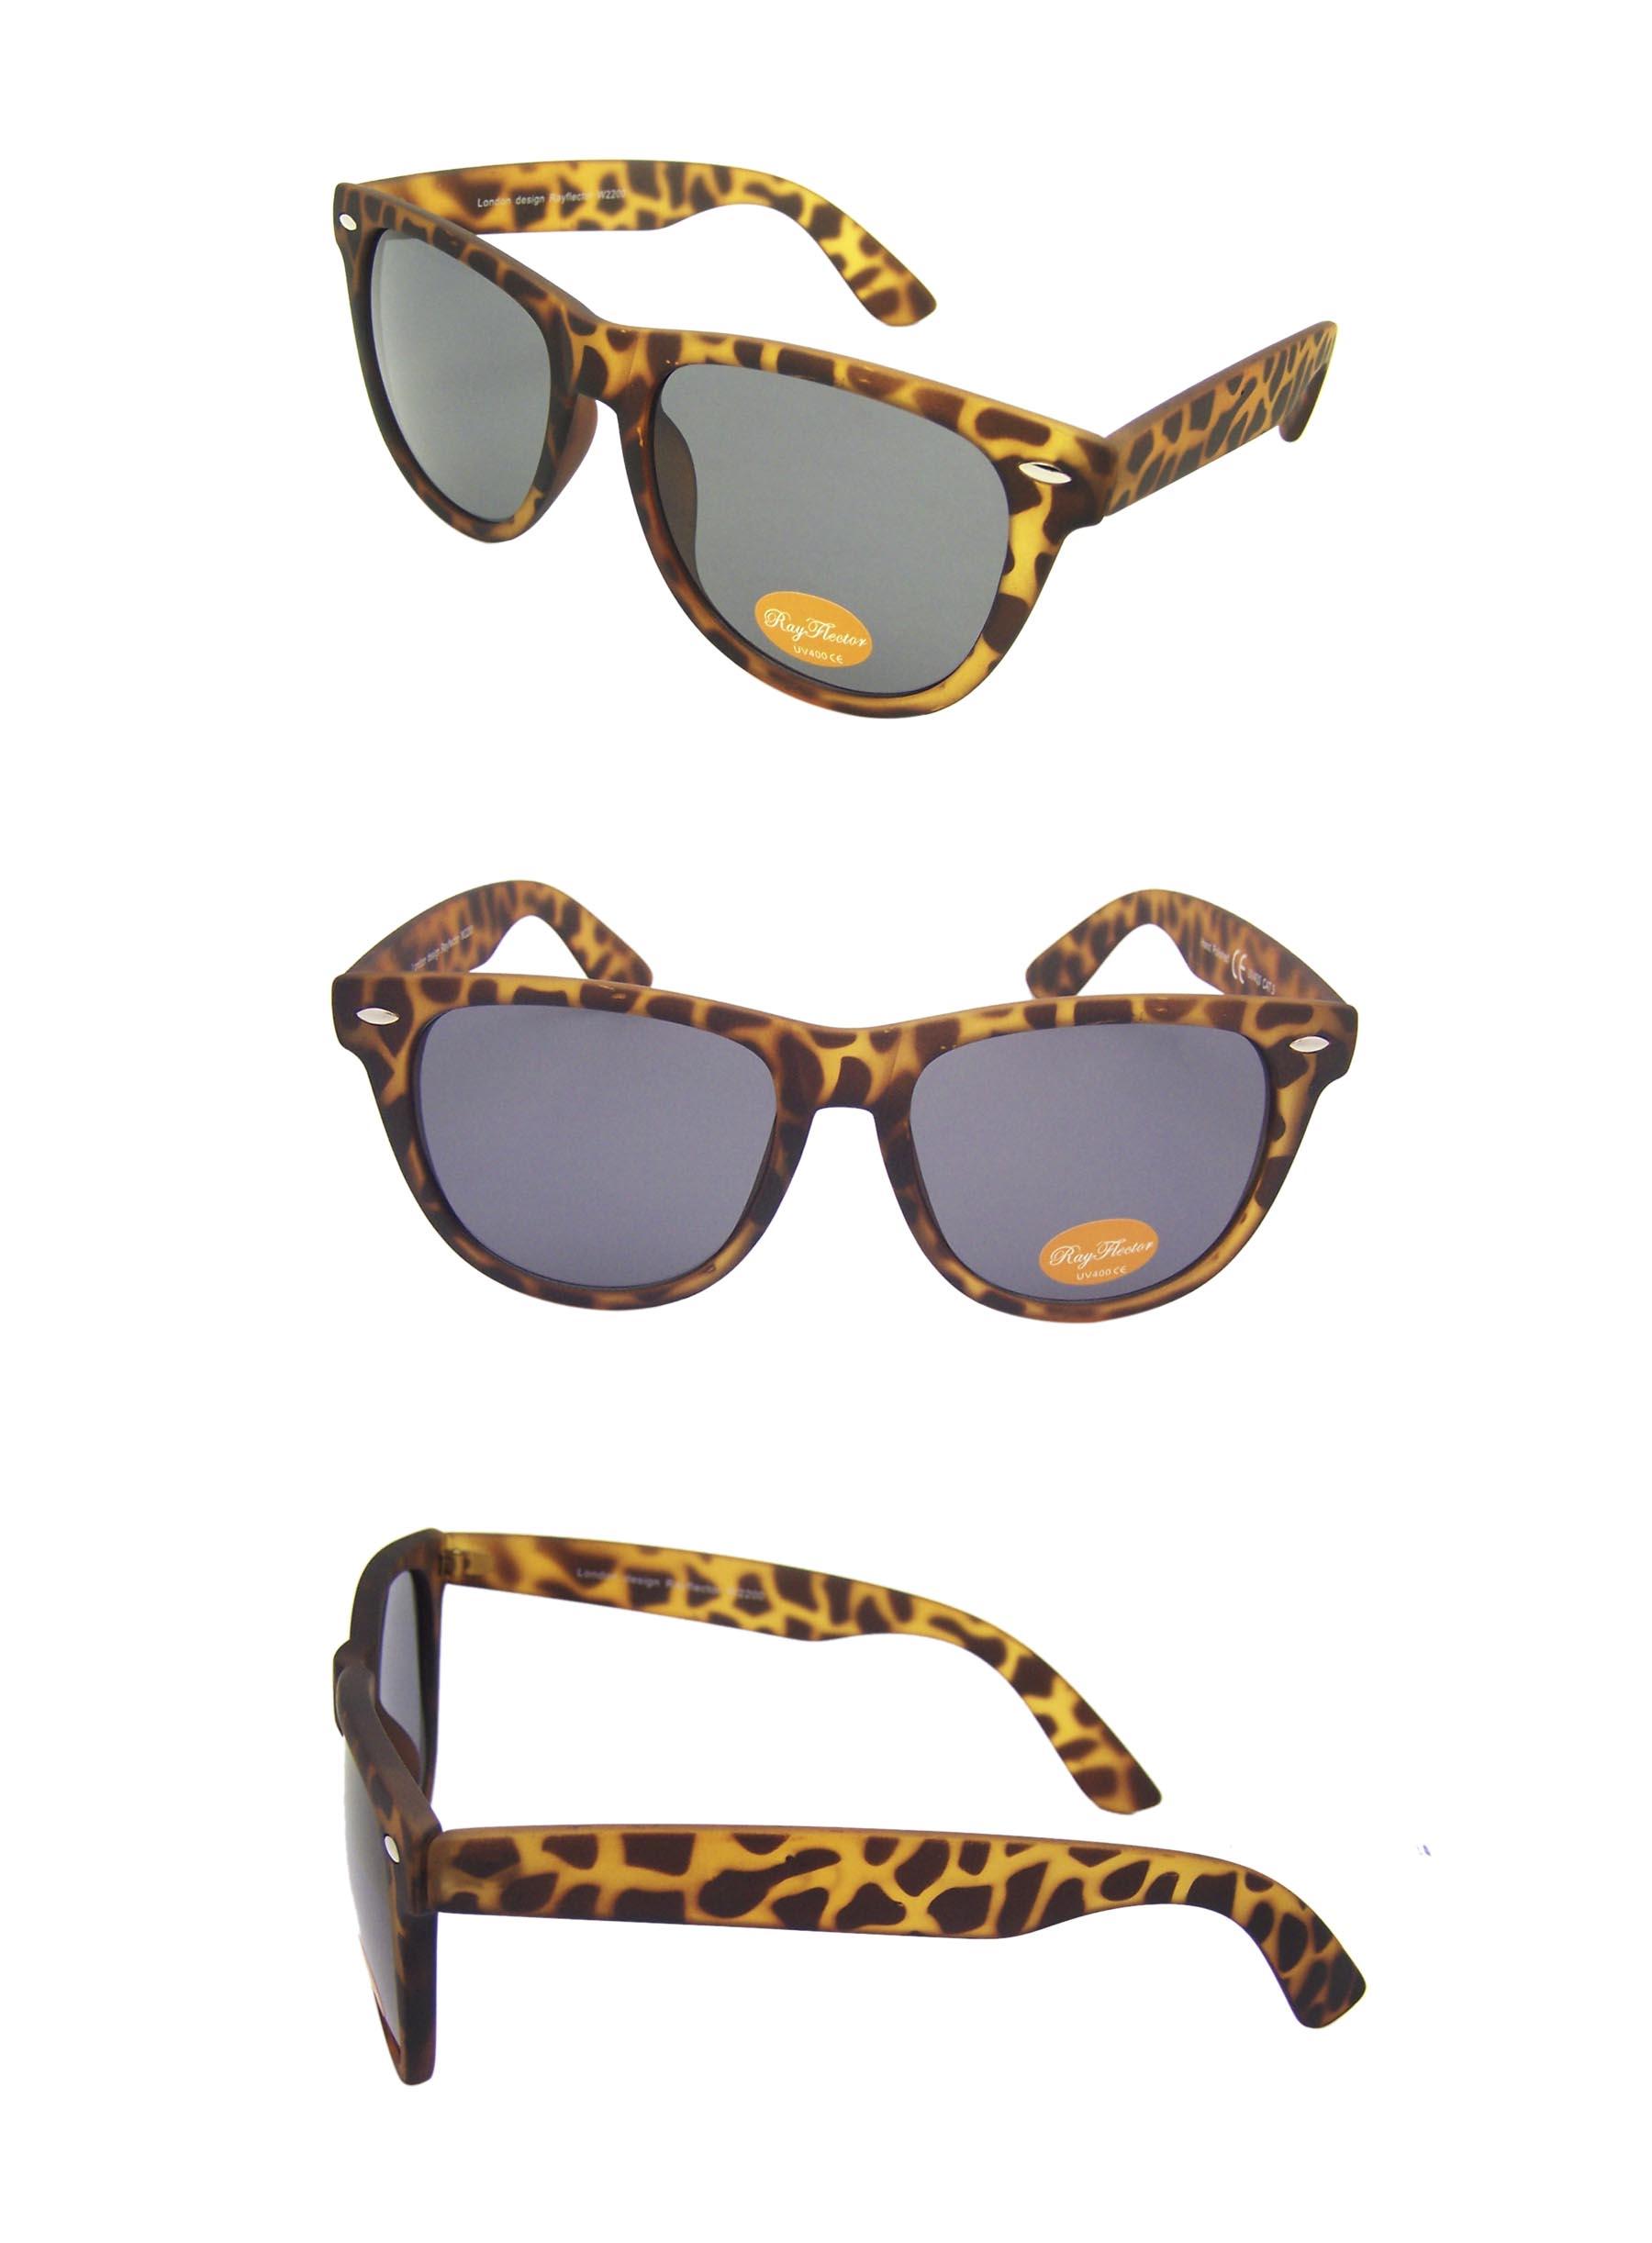 8d8605ed69a Classic Wayfarer Sunglasses